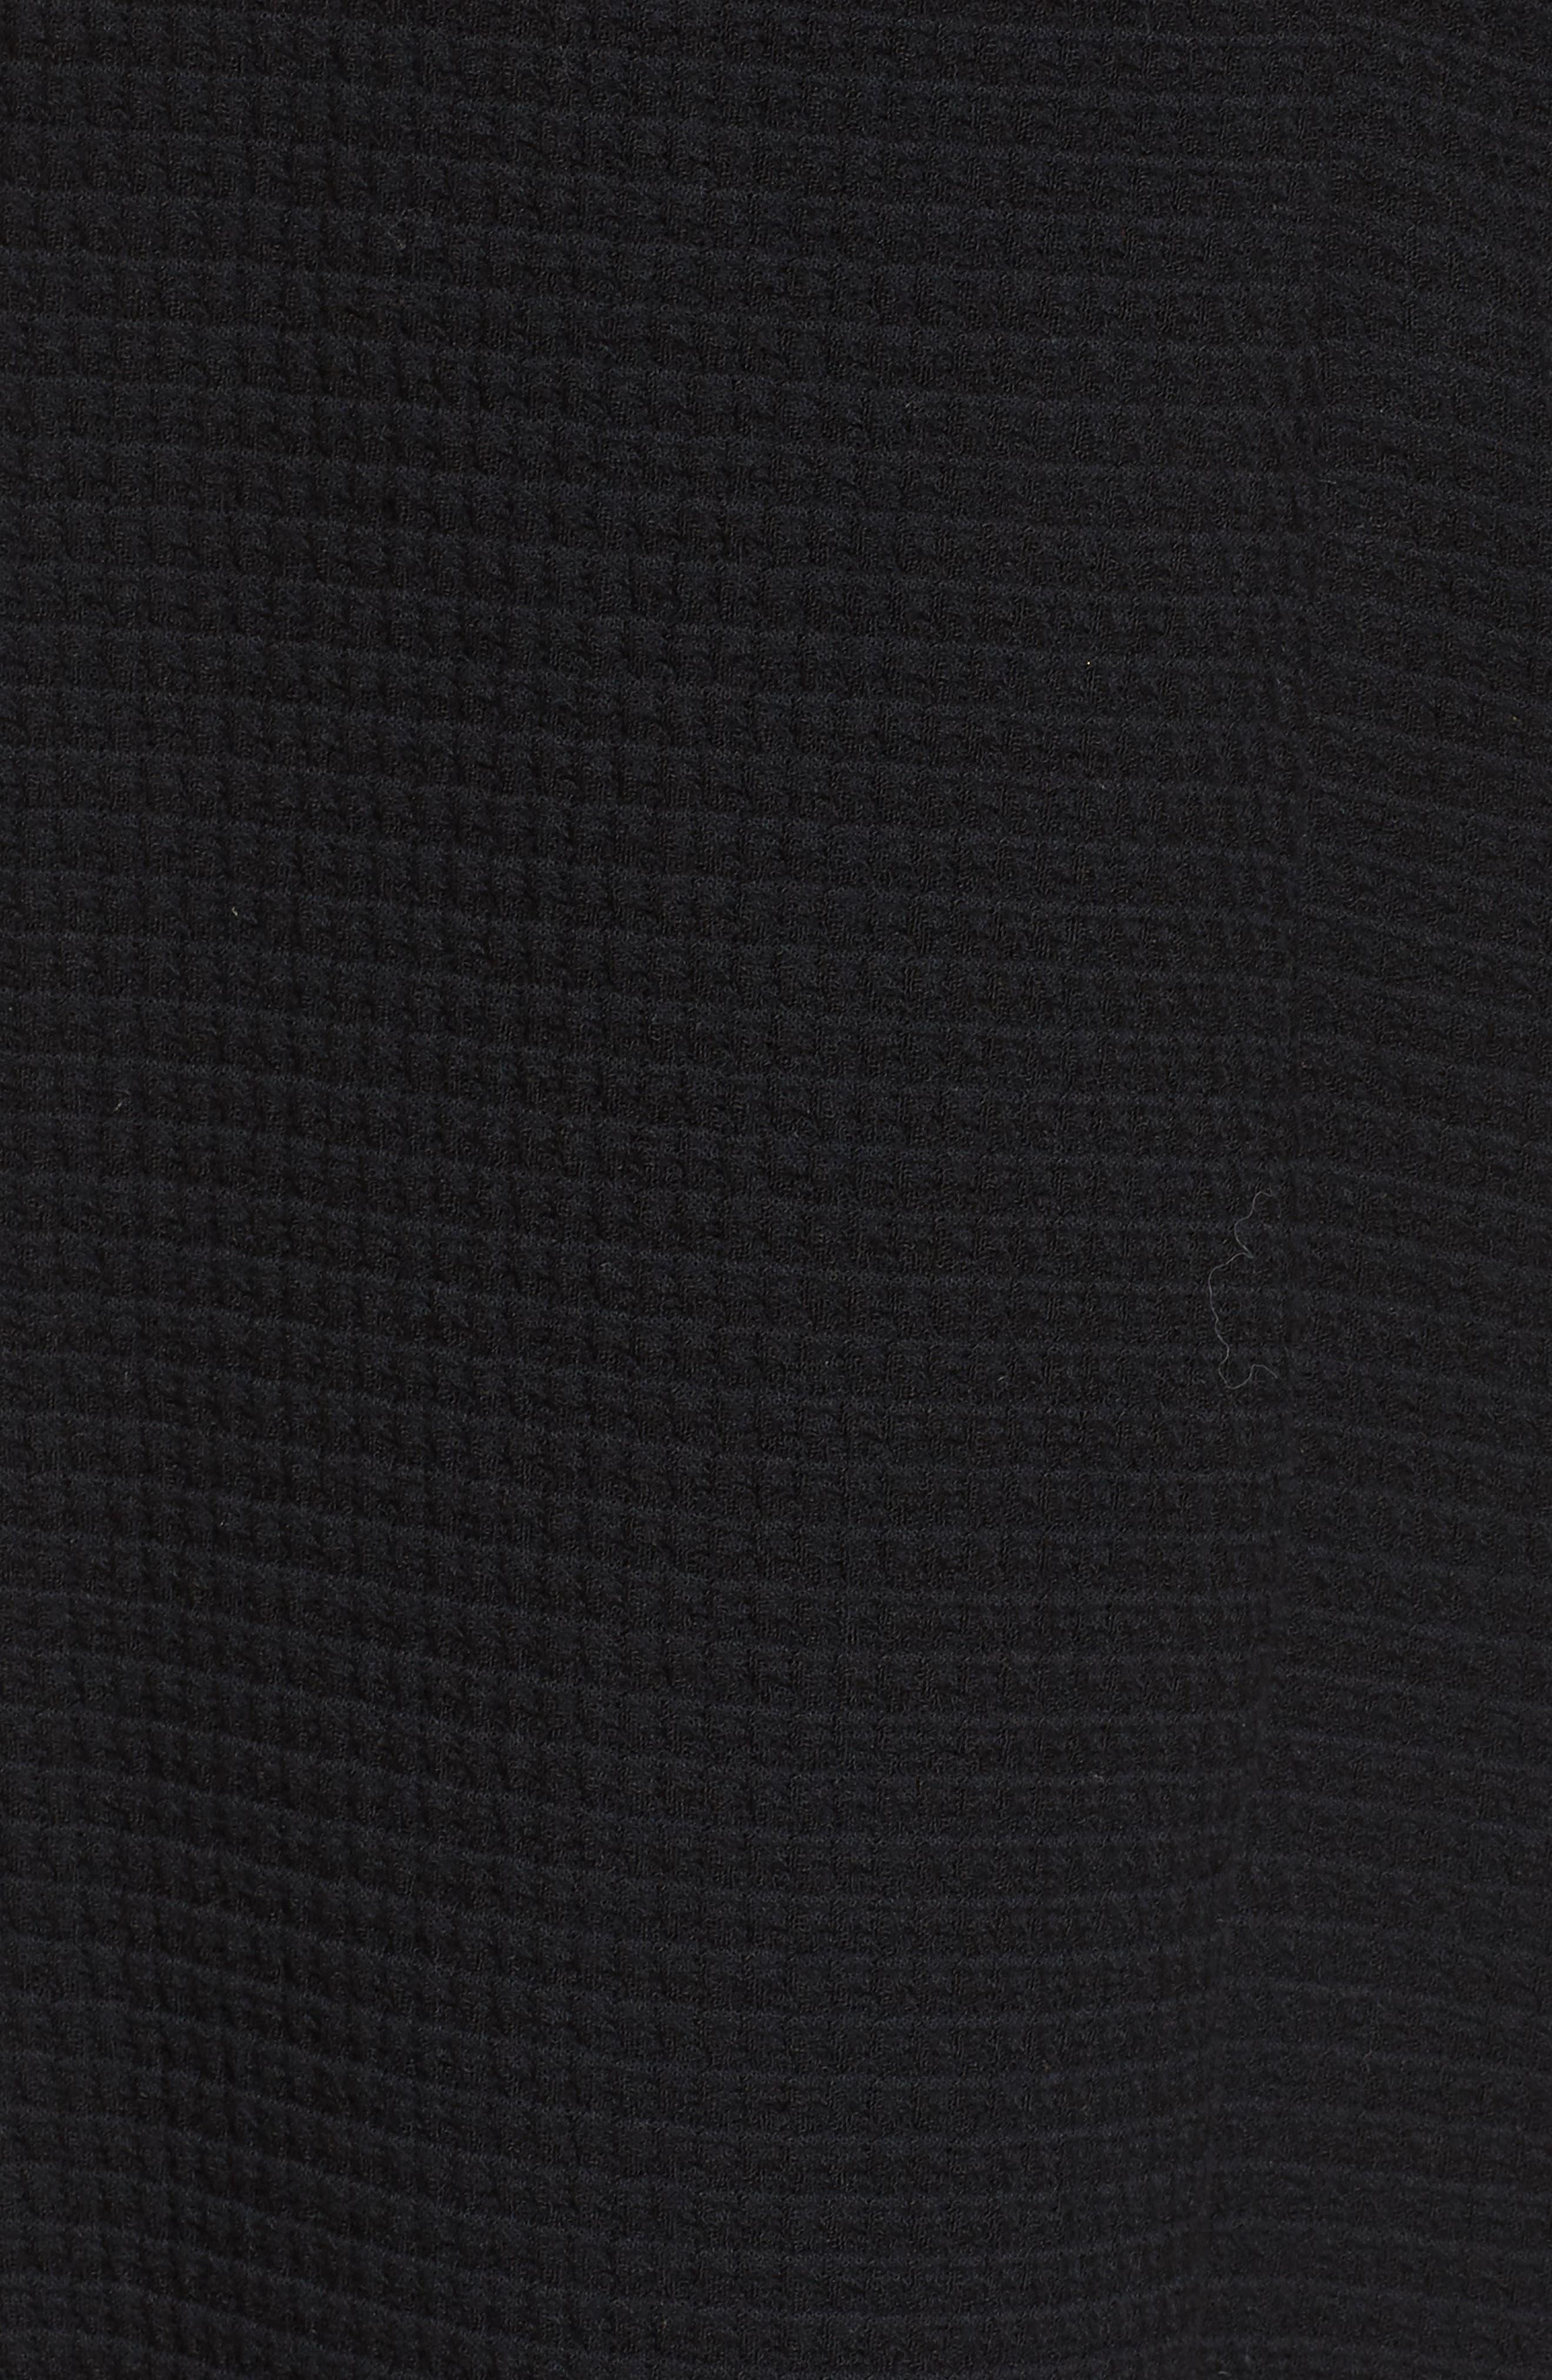 Long Jacquard Jacket,                             Alternate thumbnail 5, color,                             Black